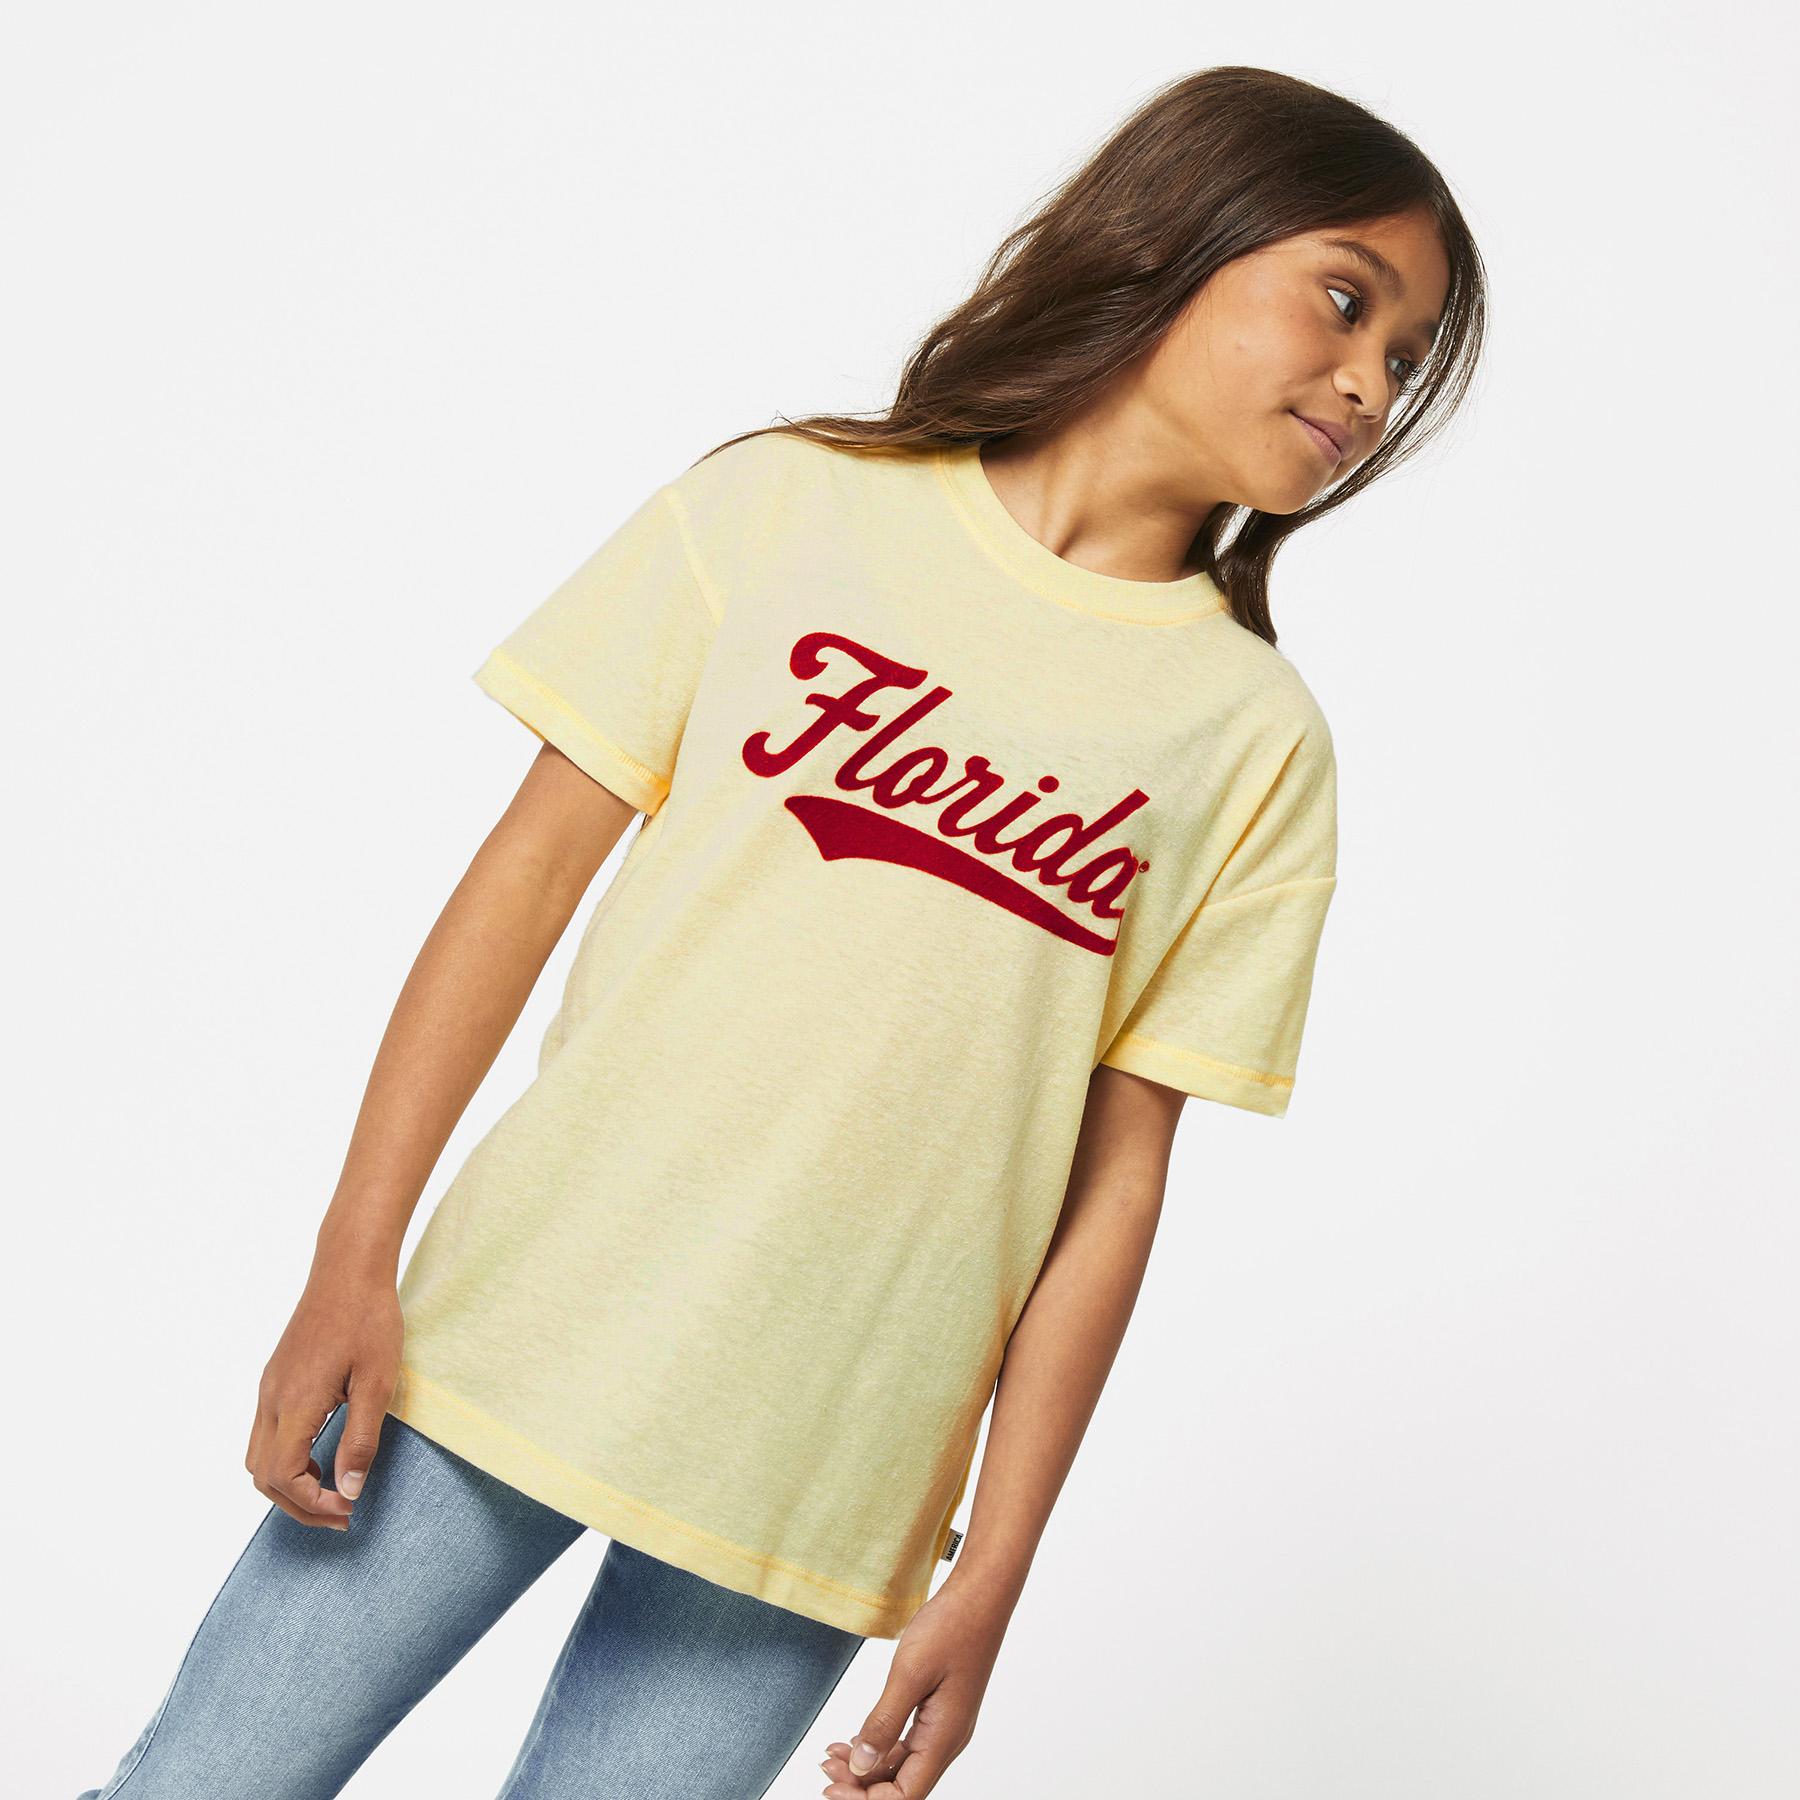 T-shirt Eliena Jr